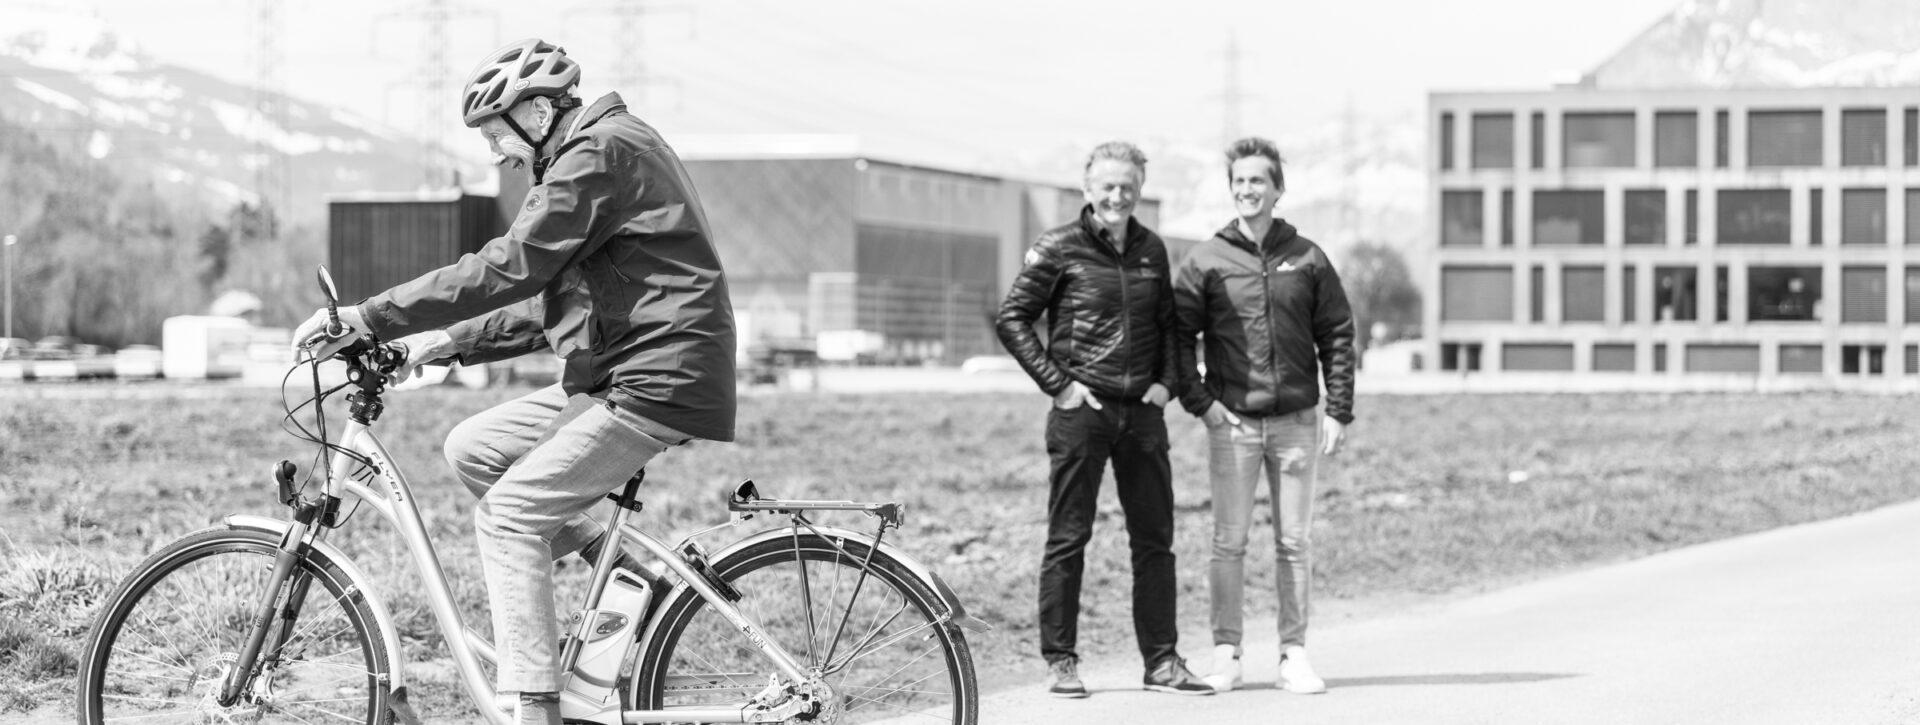 Andreas Zindel, CEO, zusammen mit seinem Vater Andreas Zindel-Schnell, COO, vor dem Hauptsitz Zindel United in Maienfeld, am 9. April 2021. Foto: Mattias Nutt